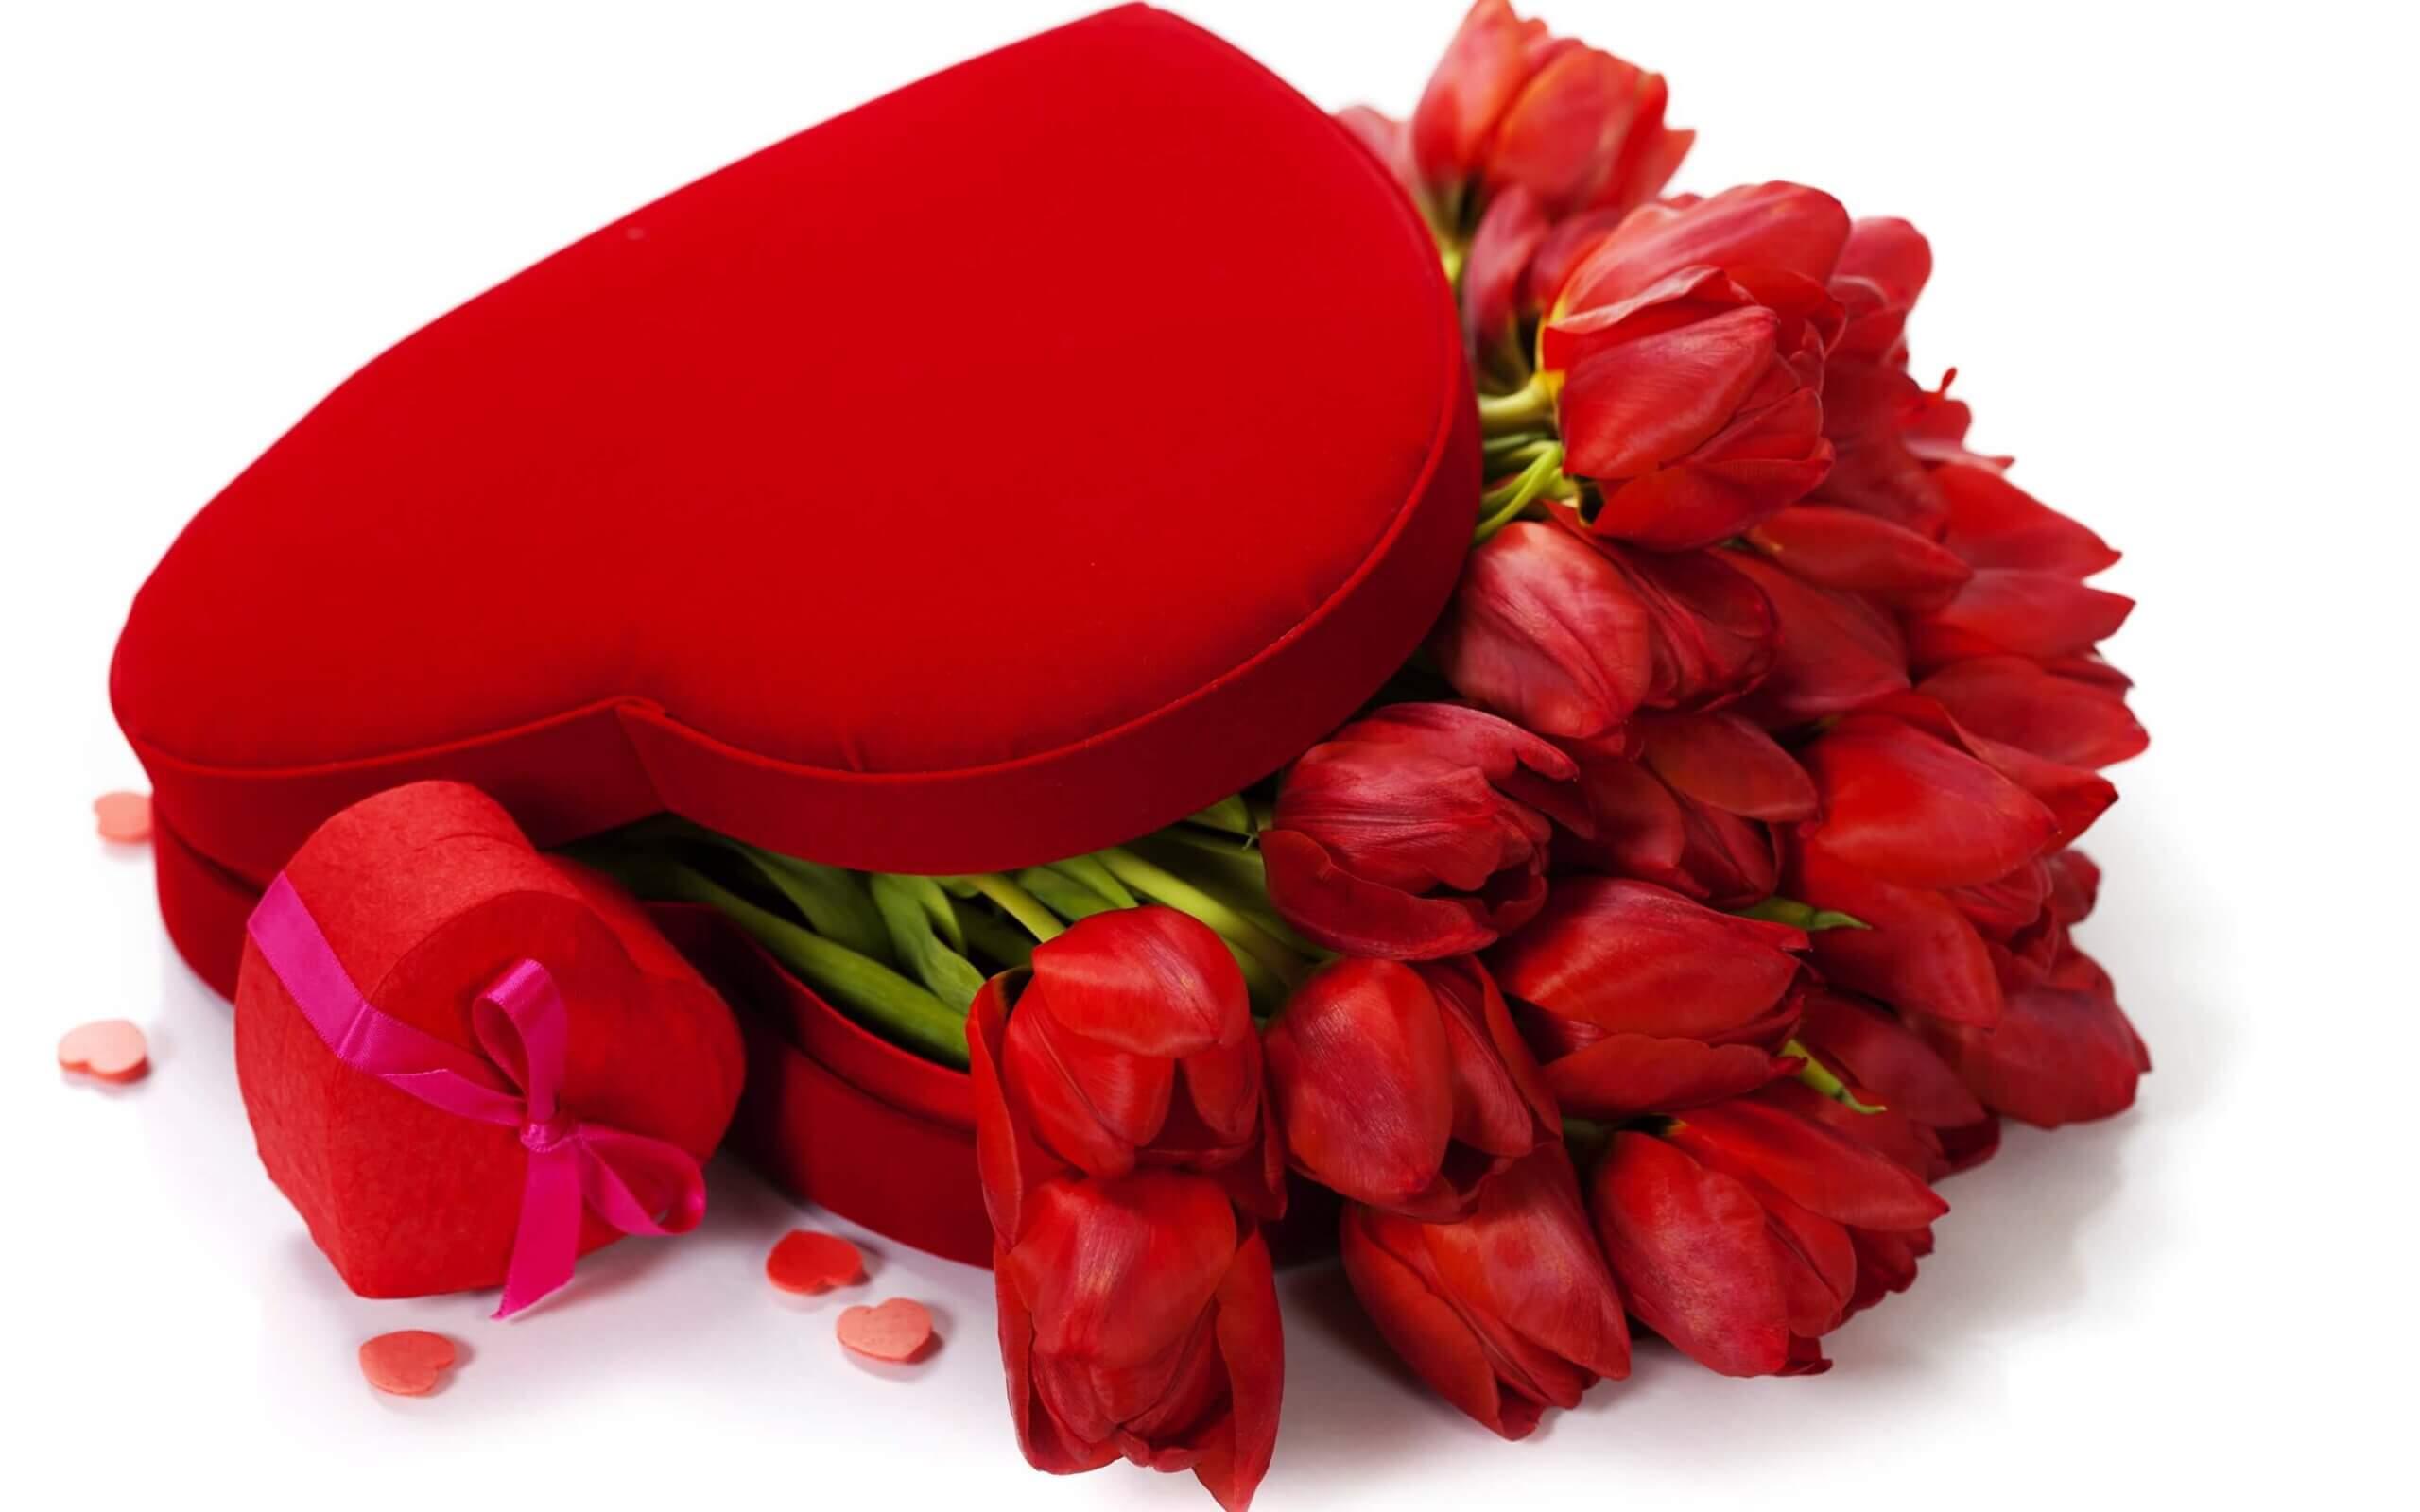 Желаете заказать в Харькове цветы на День святого Валентина с услугой доставка цветов?